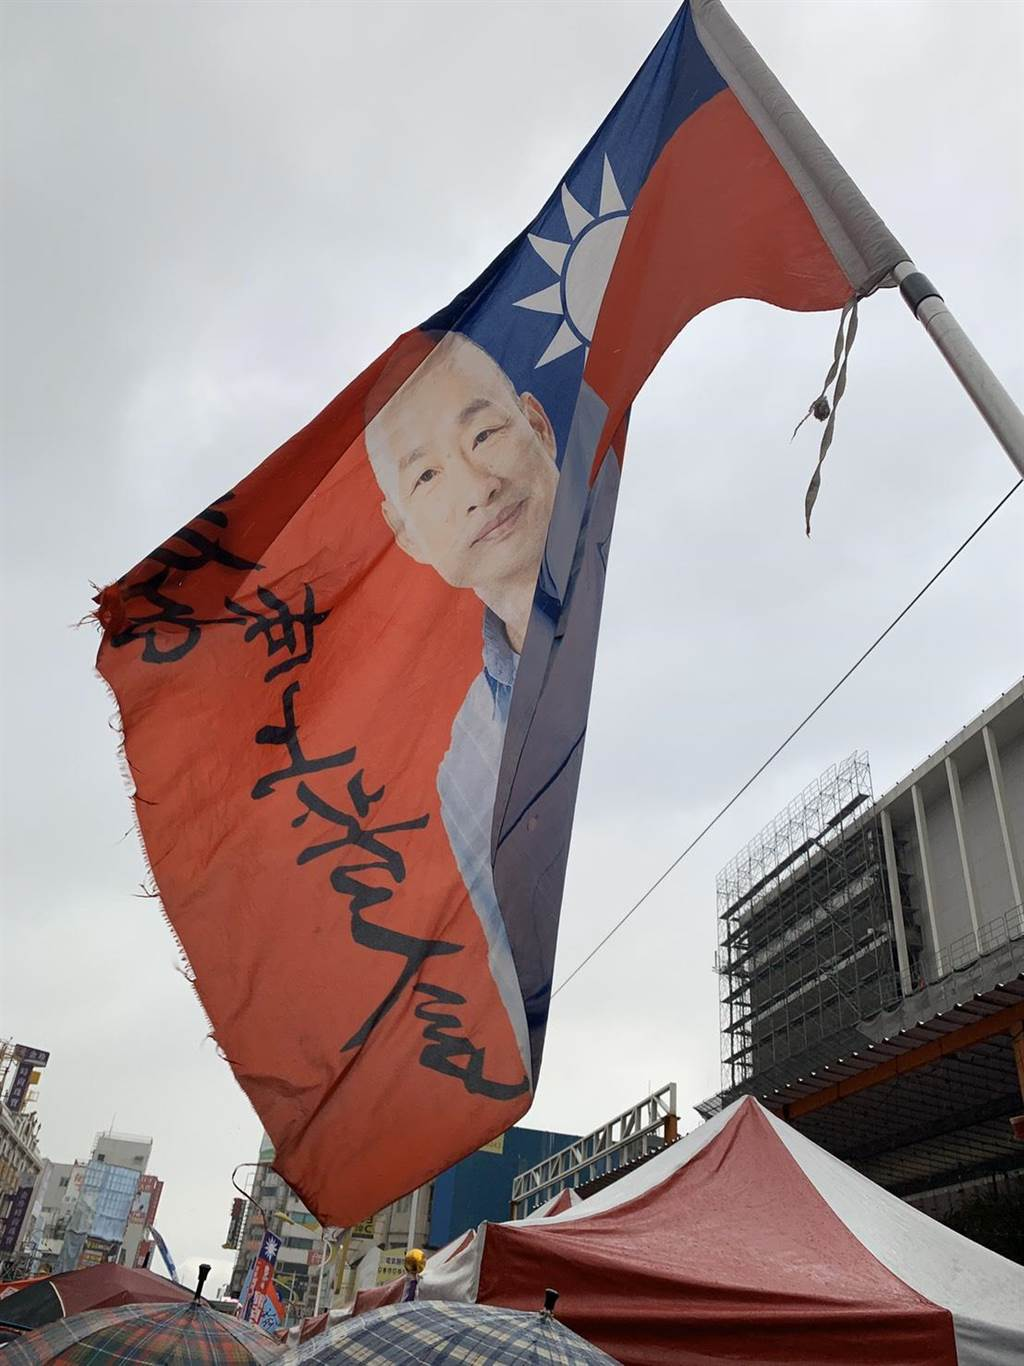 鄭阿姨特製韓國瑜旗幟超搶眼,阿姨說手上這支還算小的,他還有10公尺的大旗沒有拿出來。(王昱凱攝)